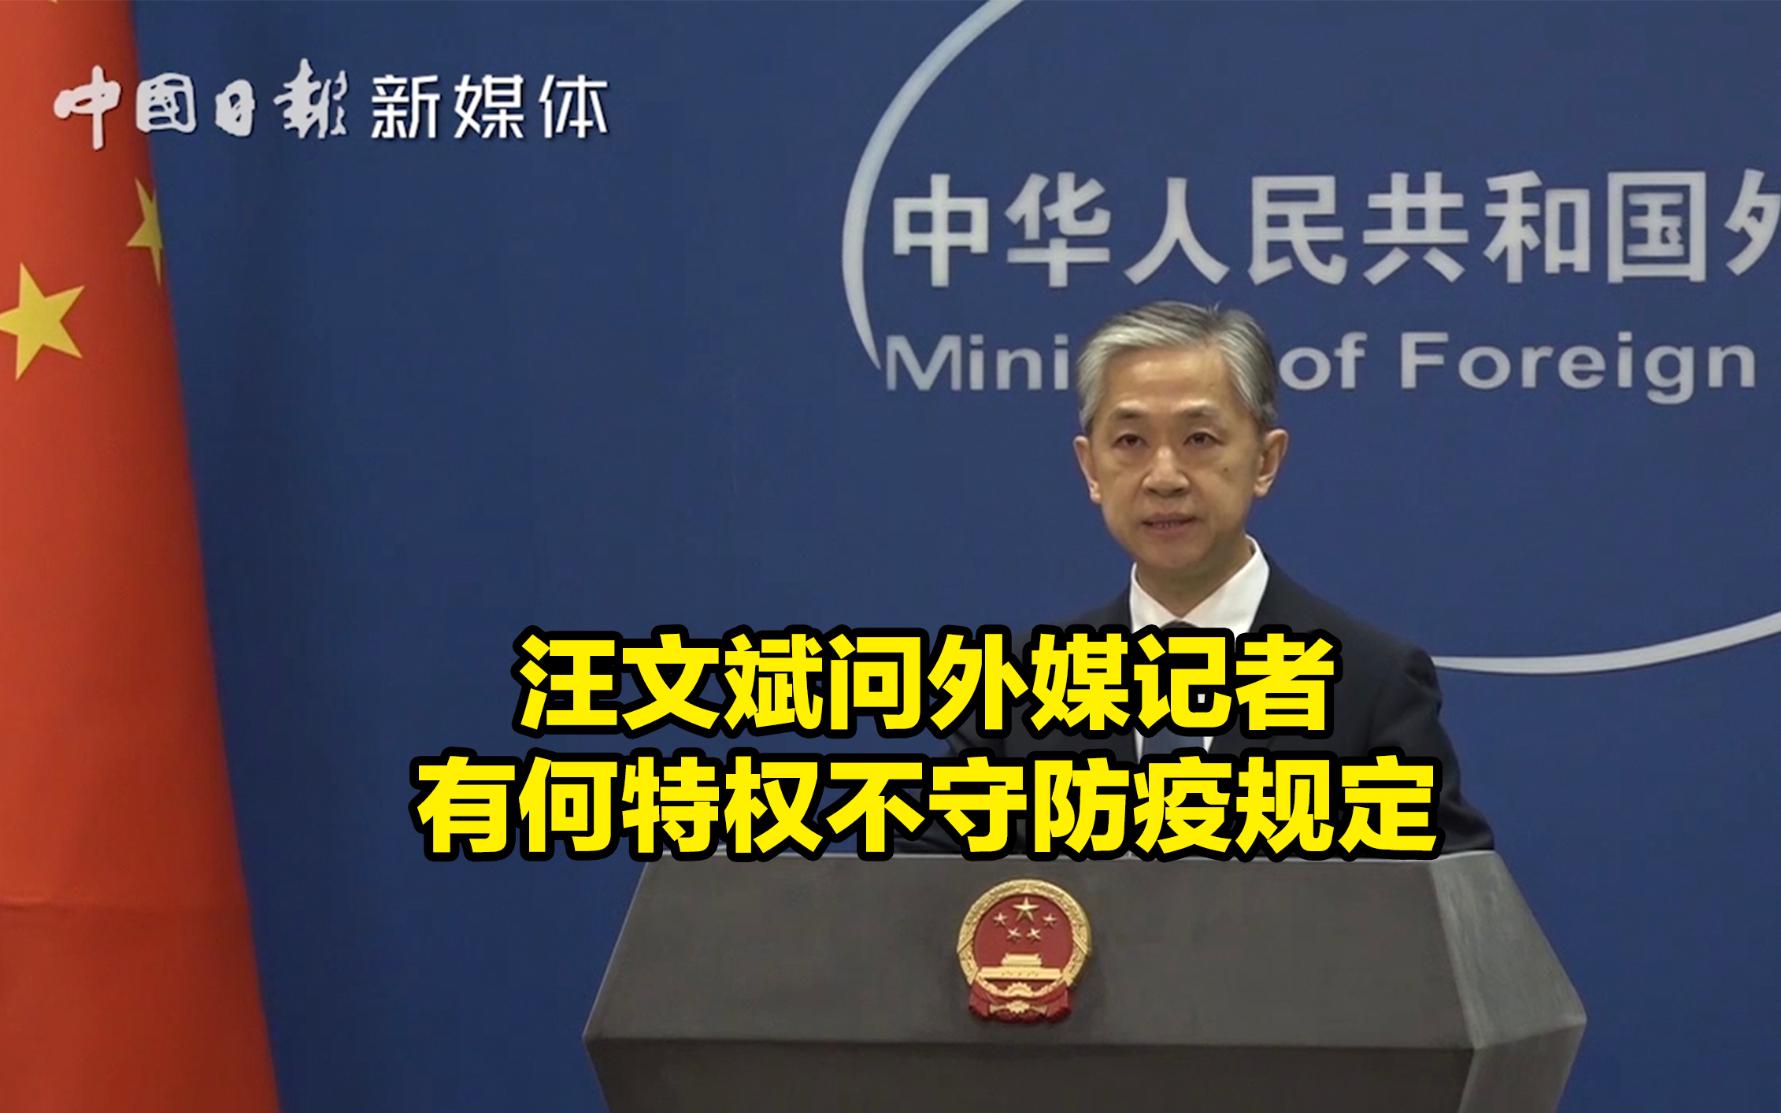 汪文斌问外媒记者有何特权不守防疫规定